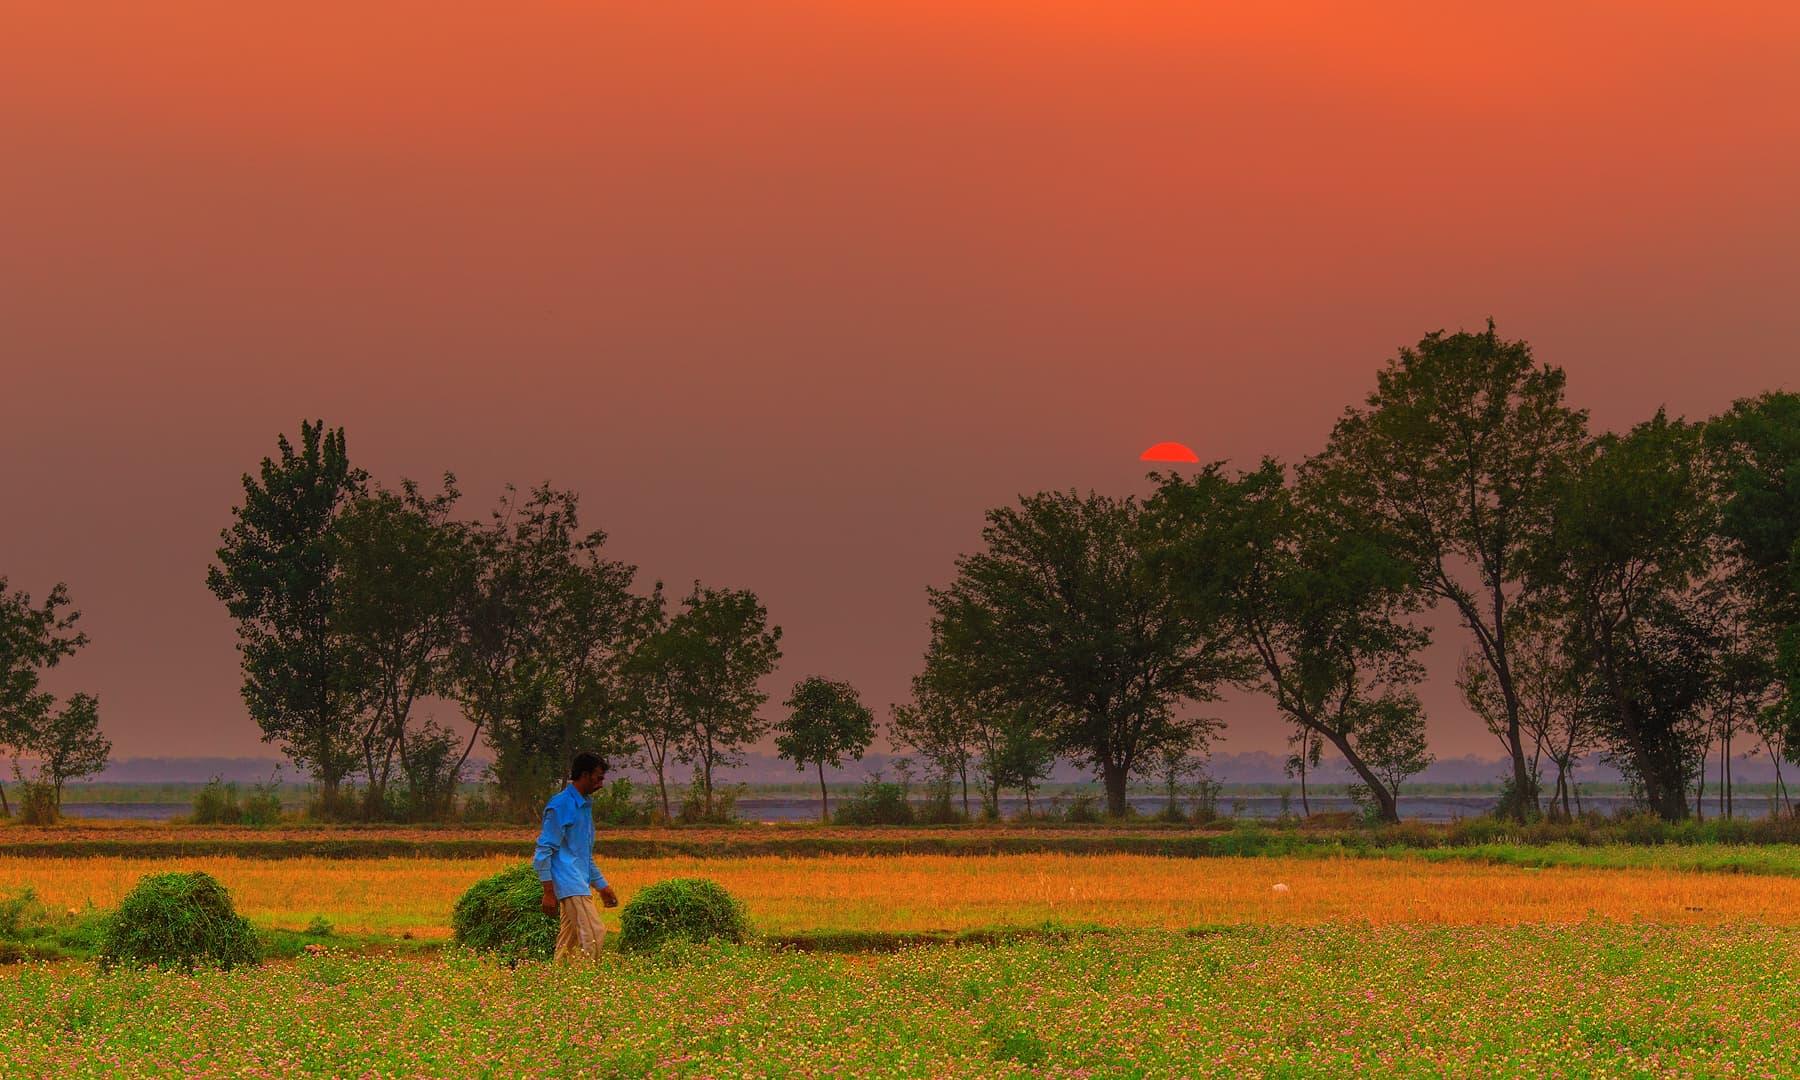 مرالہ کے نزدیک ایک گاؤں.— فوٹو سید مہدی بخاری۔